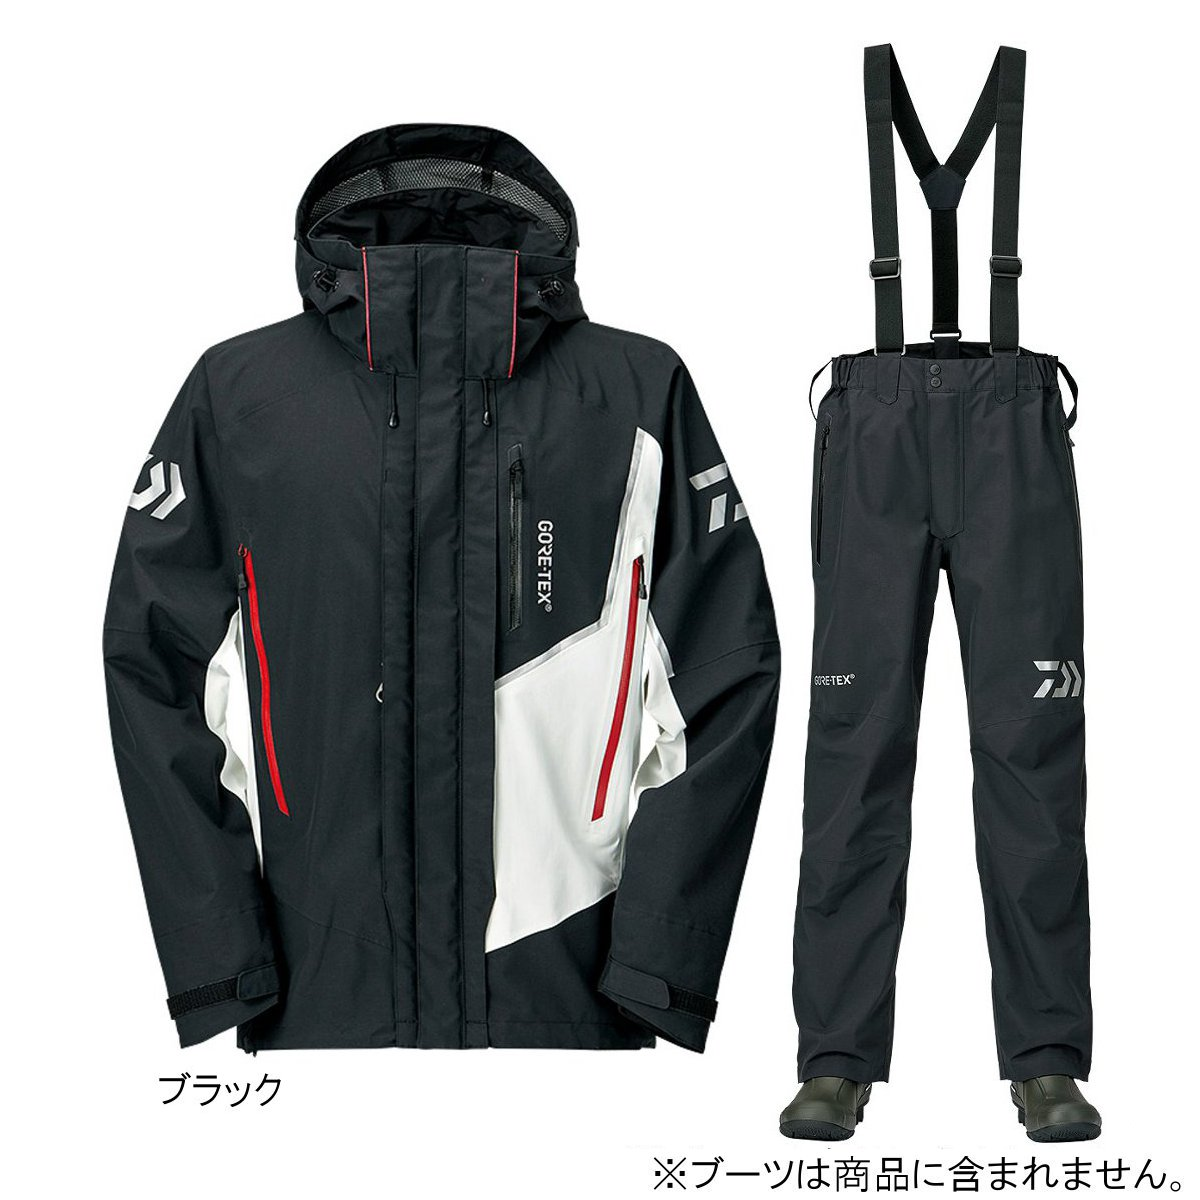 ダイワ ゴアテックス プロダクト コンビアップレインスーツ DR-18009 2XL ブラック(東日本店)